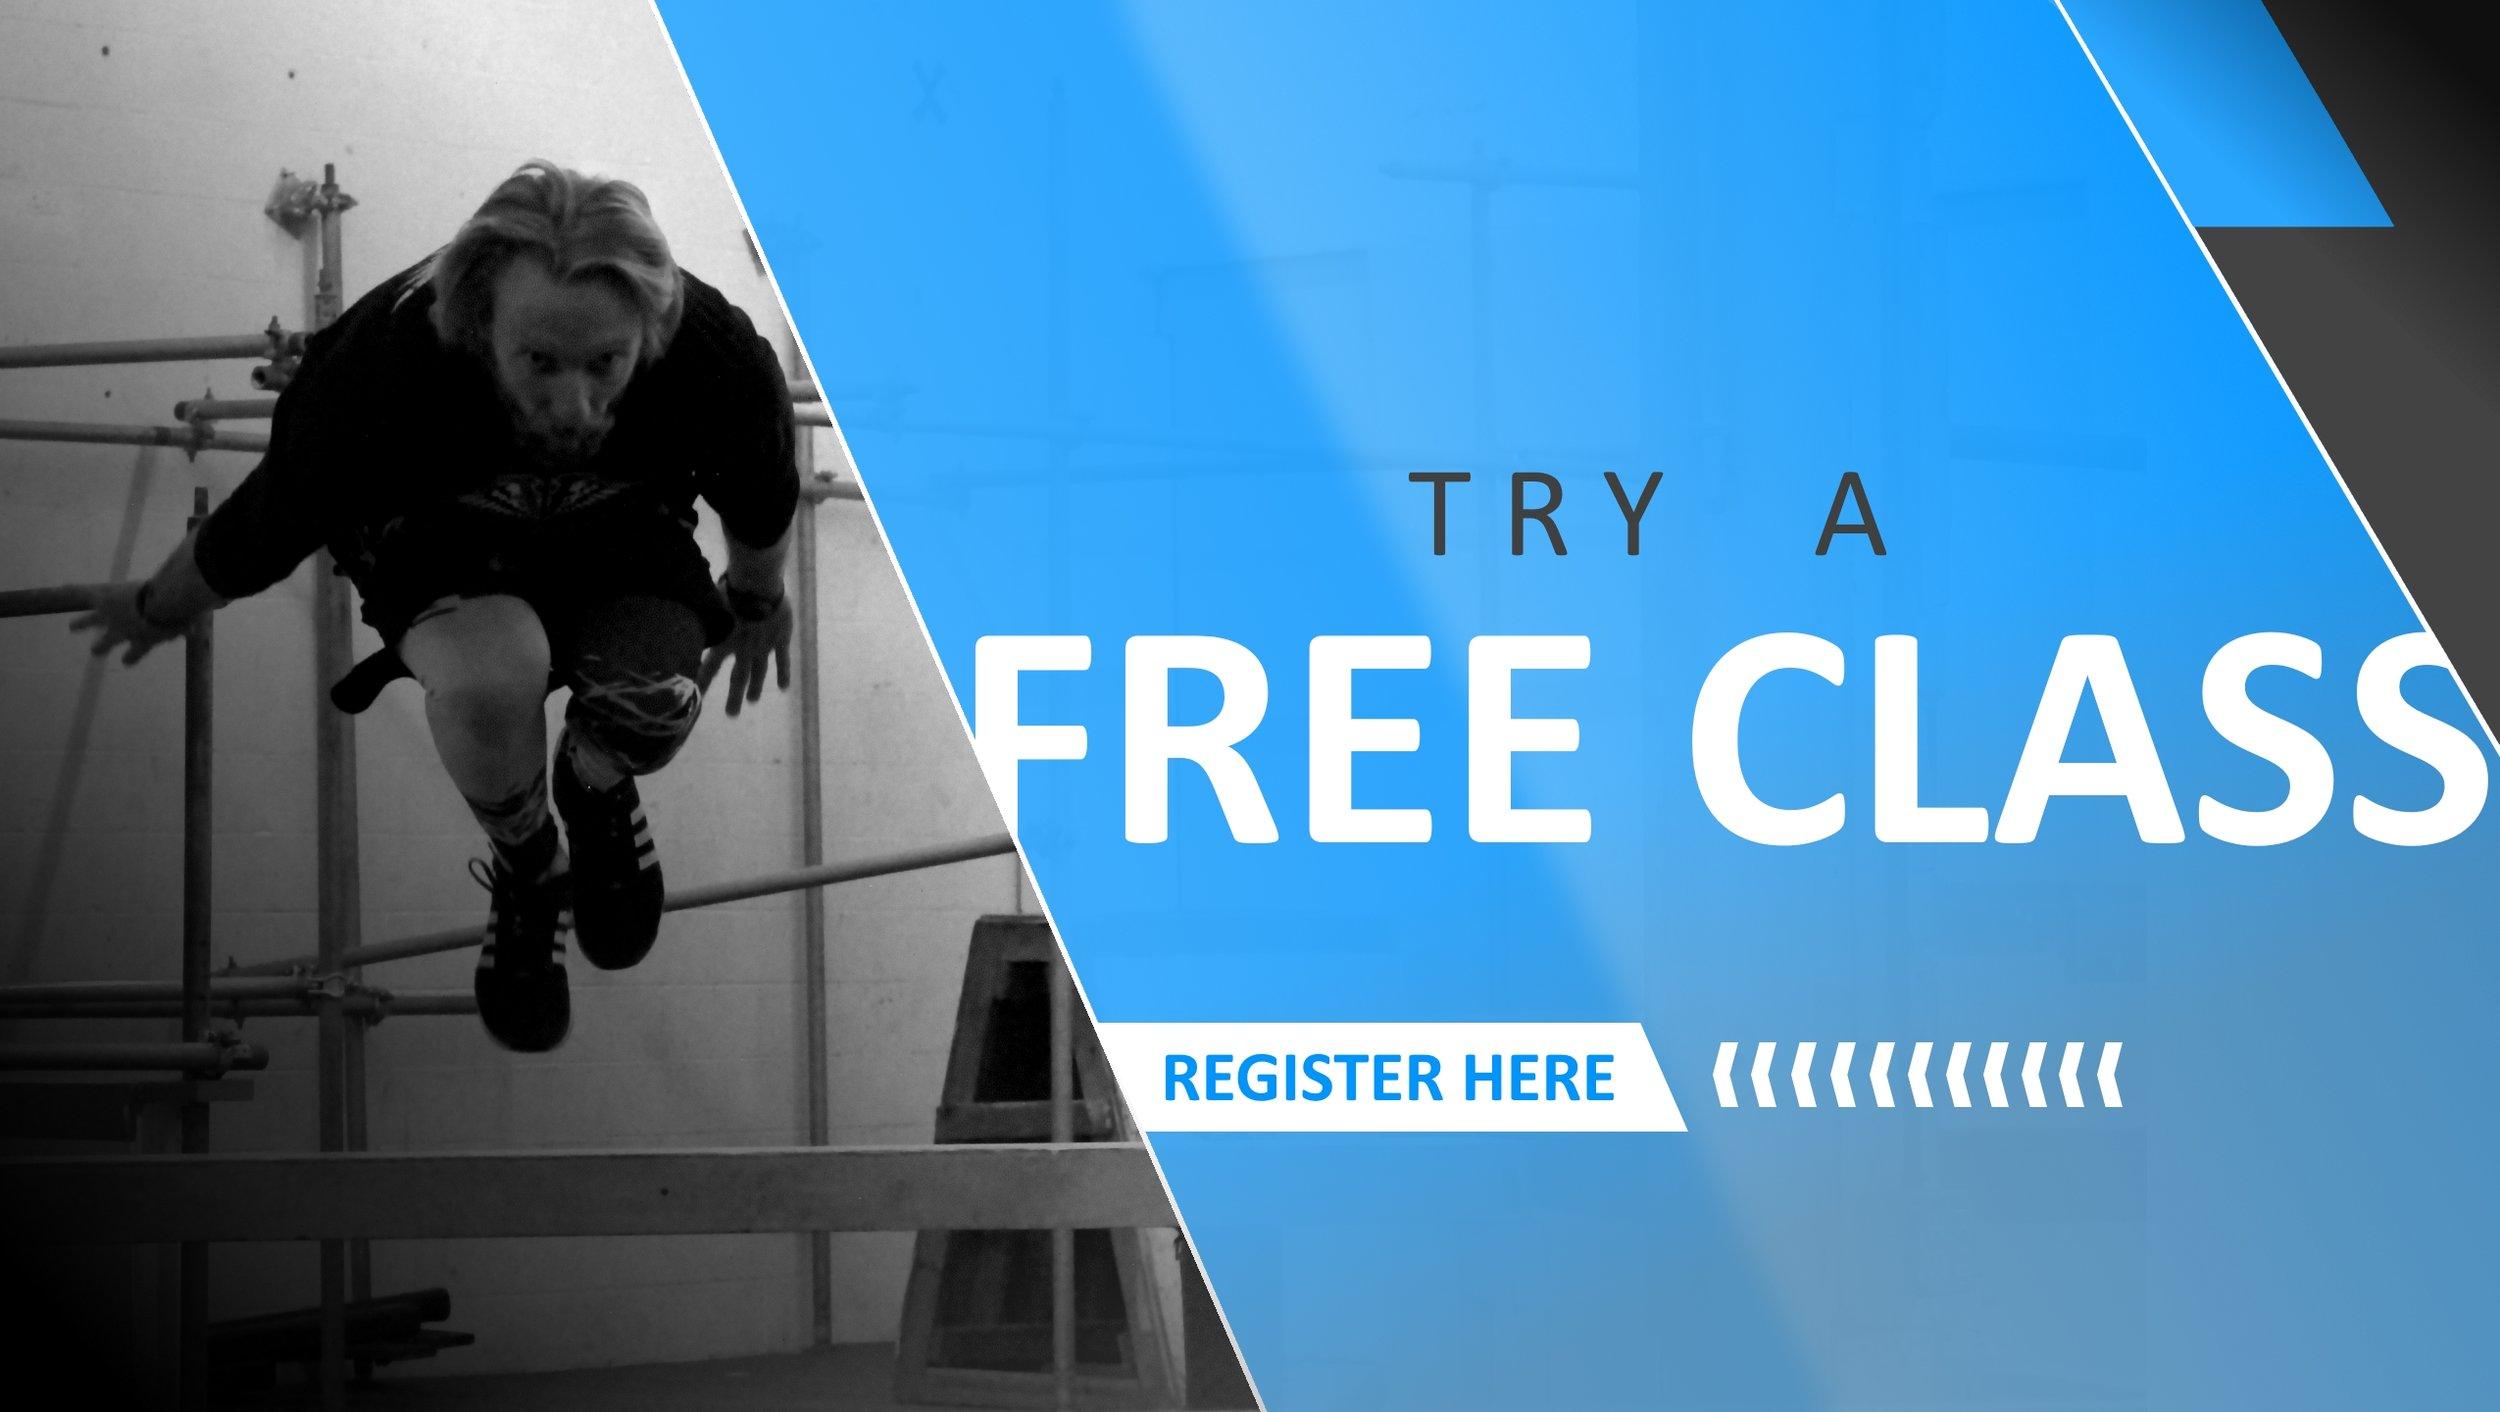 Free Class Chad Kong.jpg